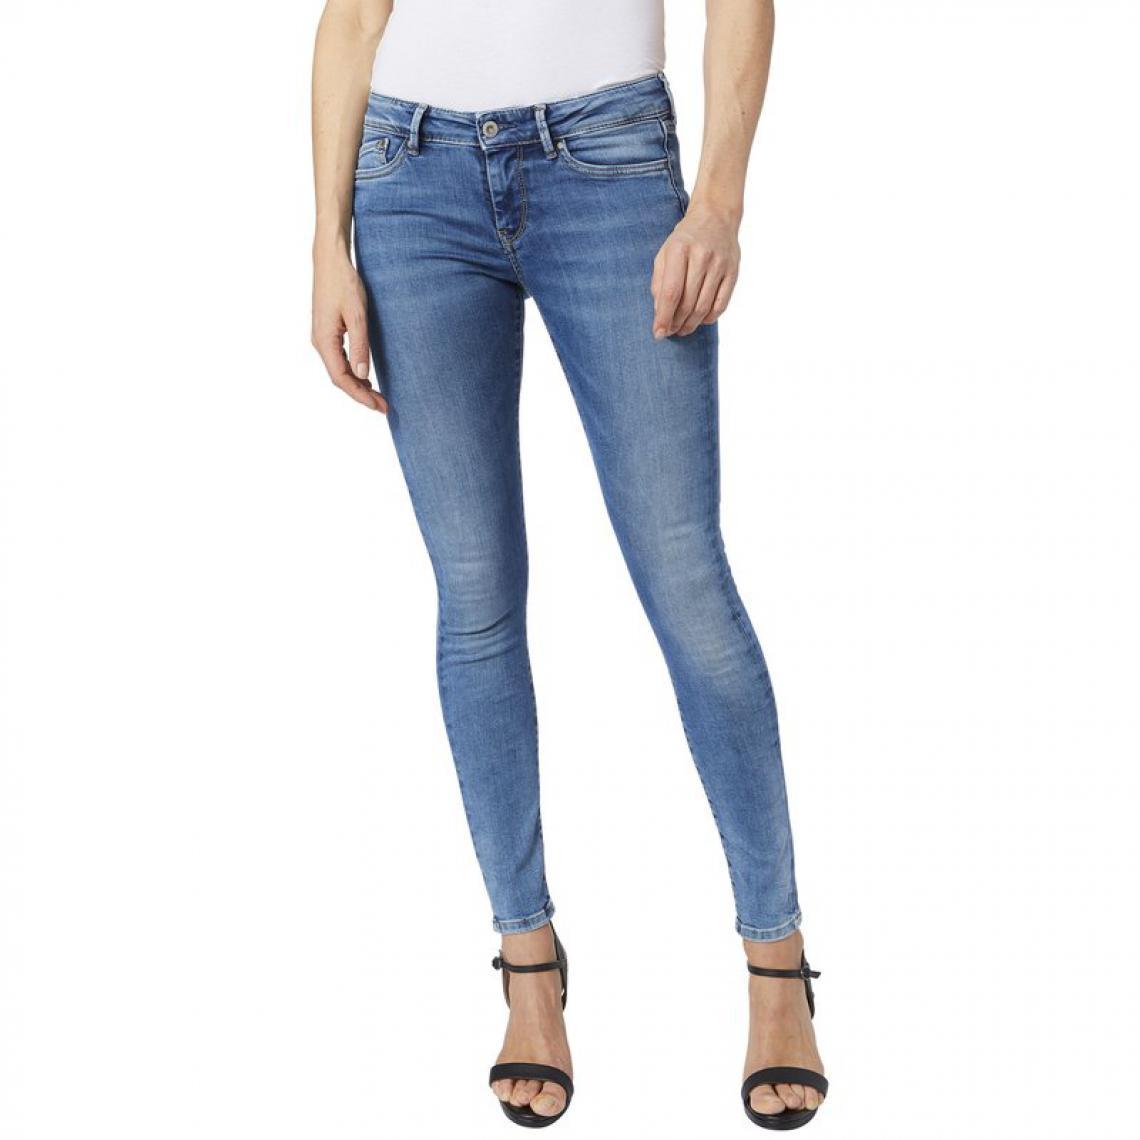 f543ca01211 Jean skinny L32 PIXIE femme Pepe Jean - Bleu Pepe Jeans GENERIQUE